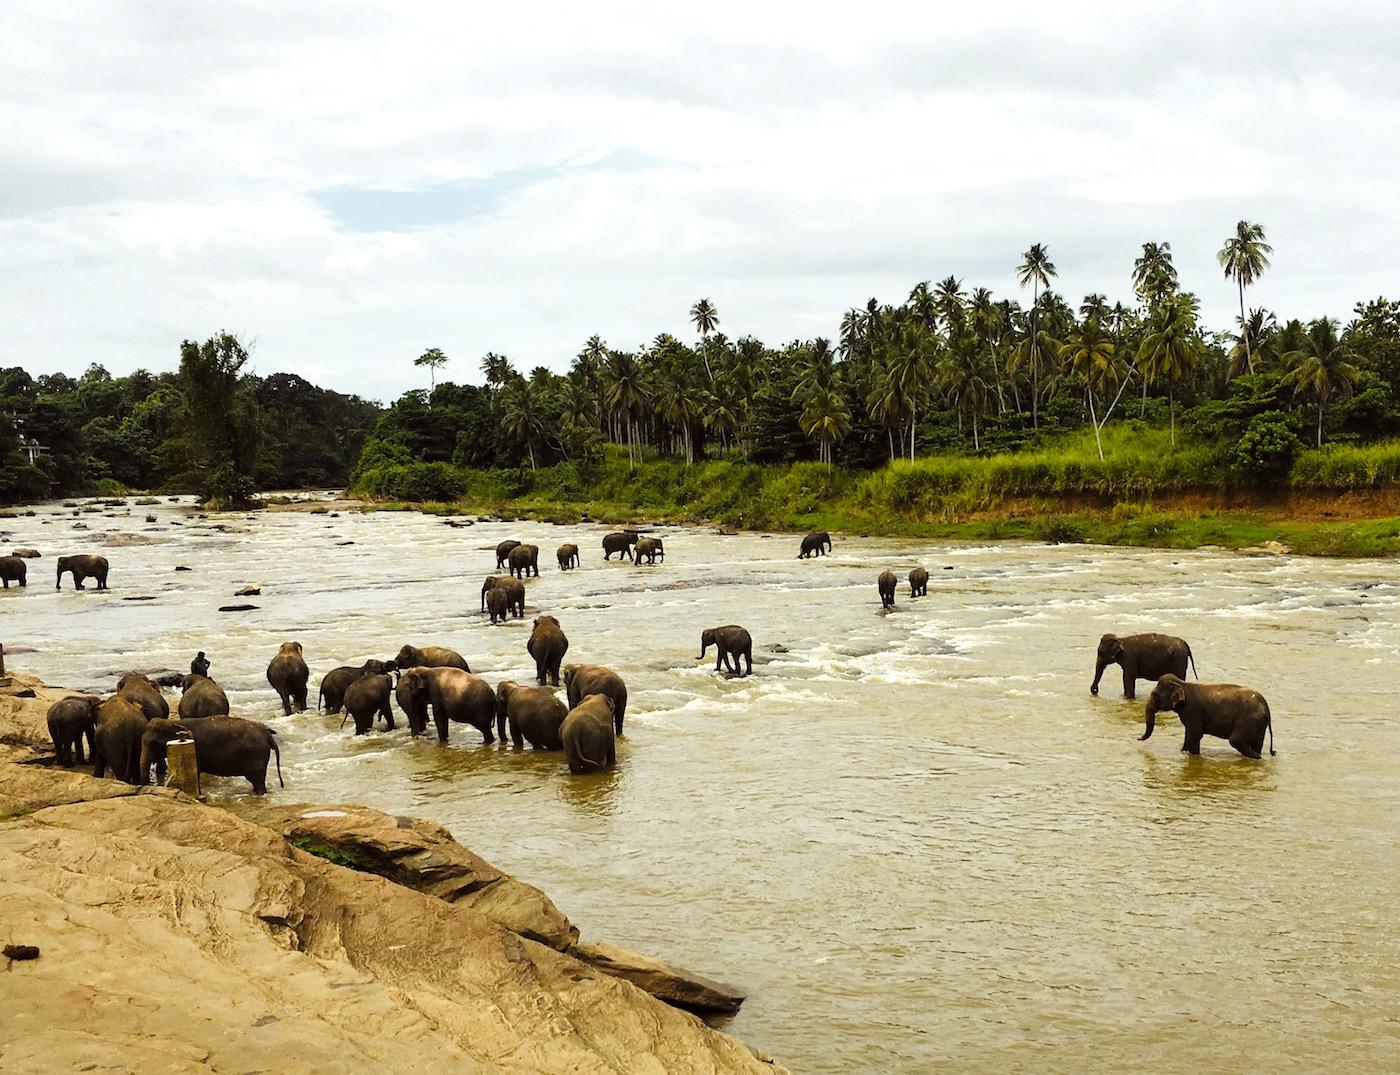 Bath time for Pinnawala elephants, Sri Lanka. Photo: Patti Neves